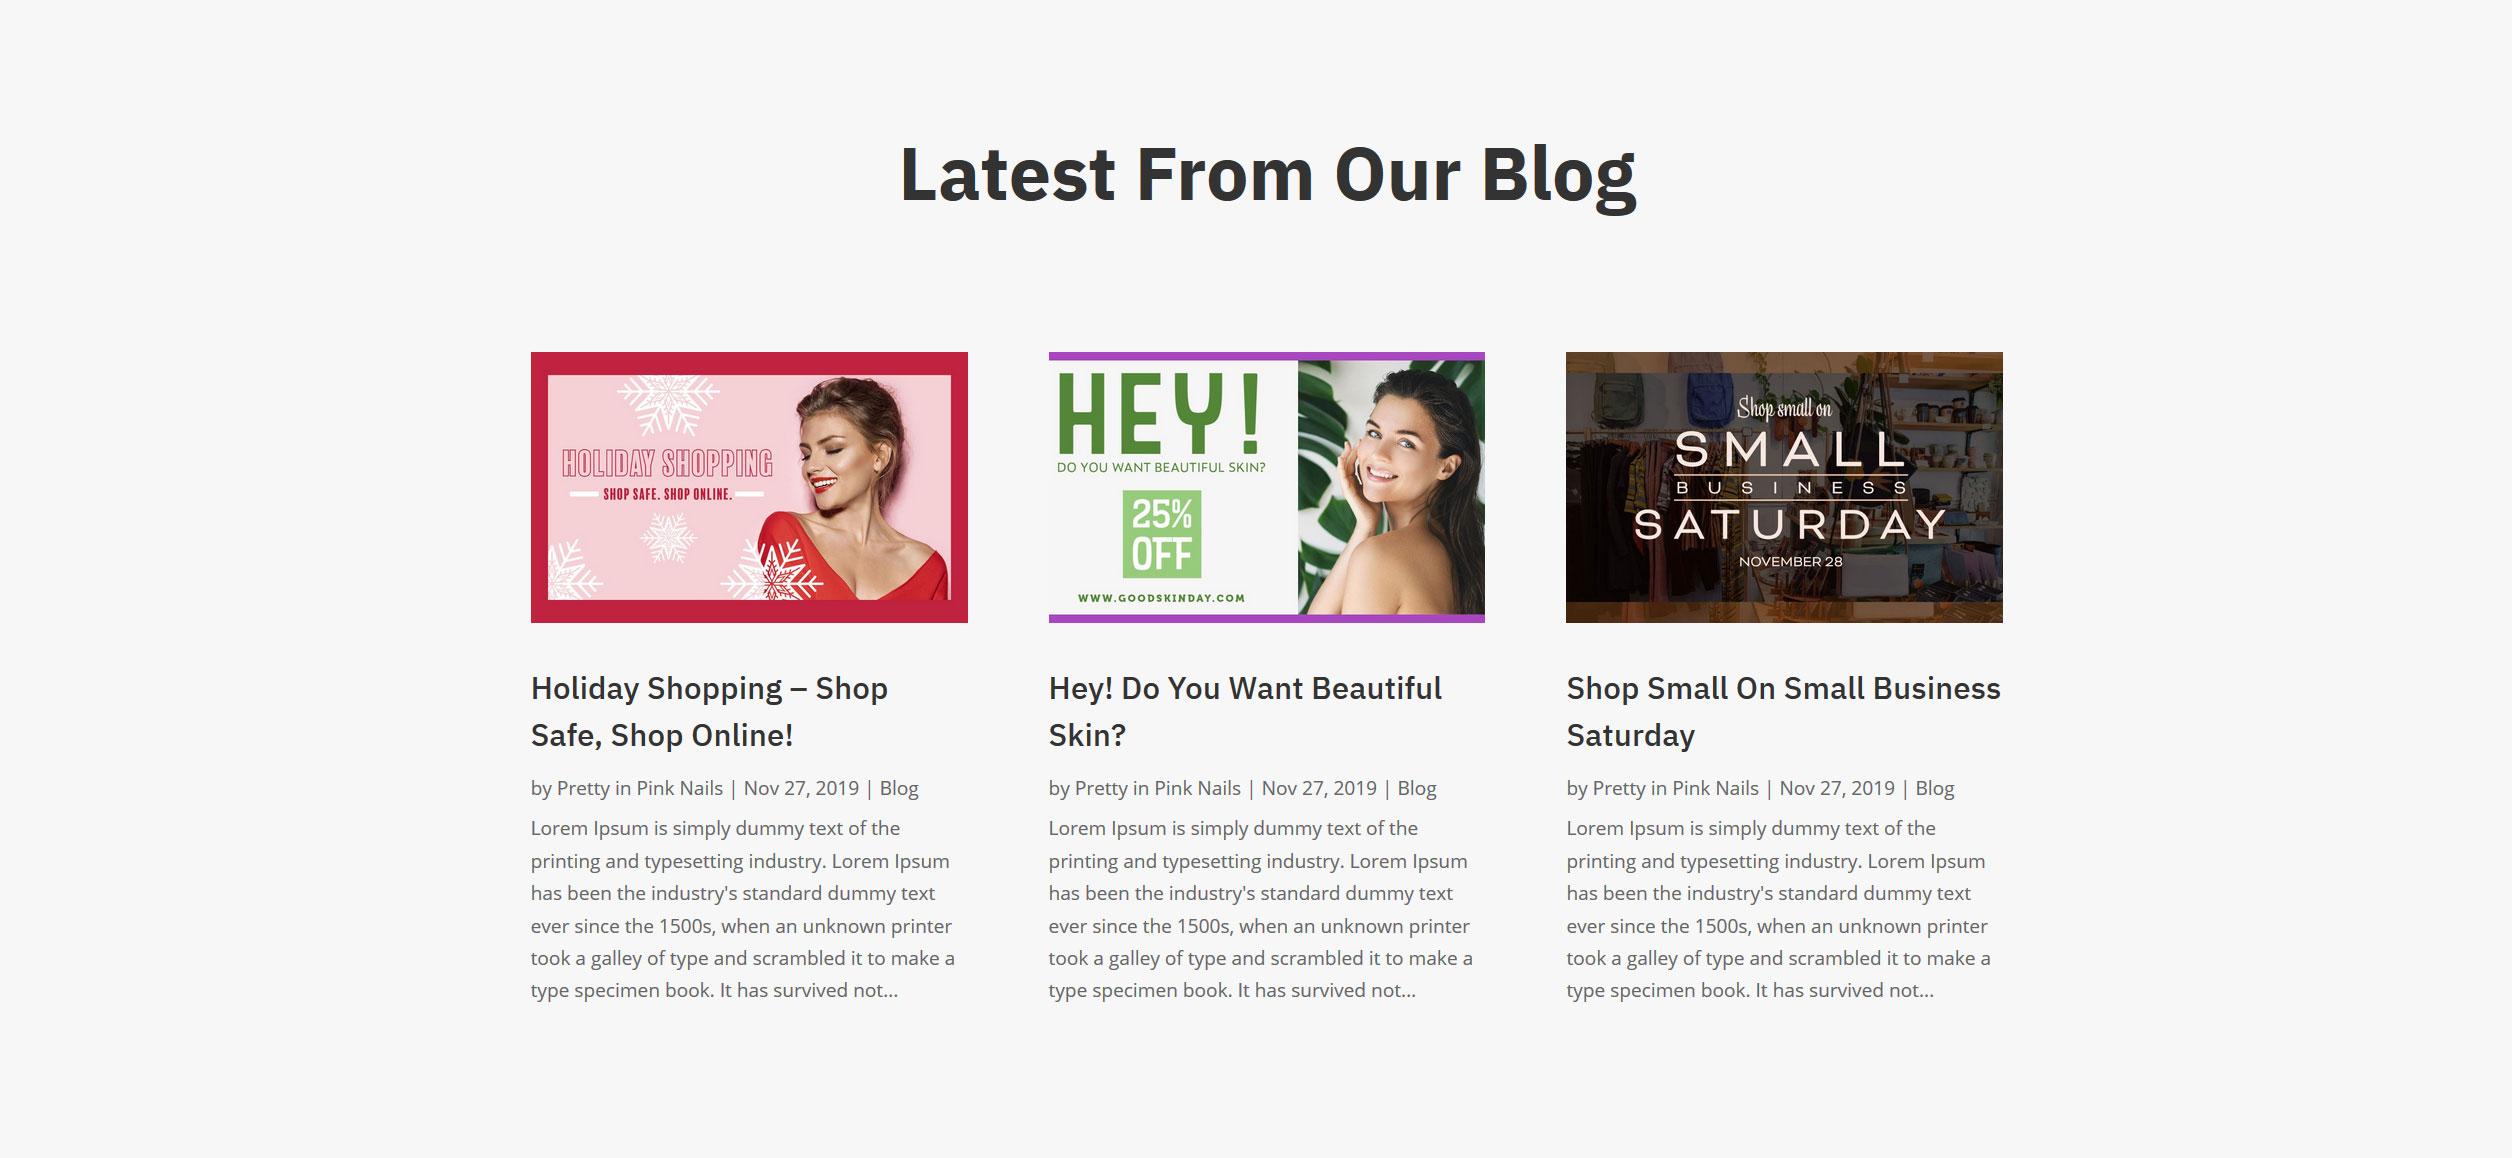 Website for Nail Salons v1 - Blog Posts